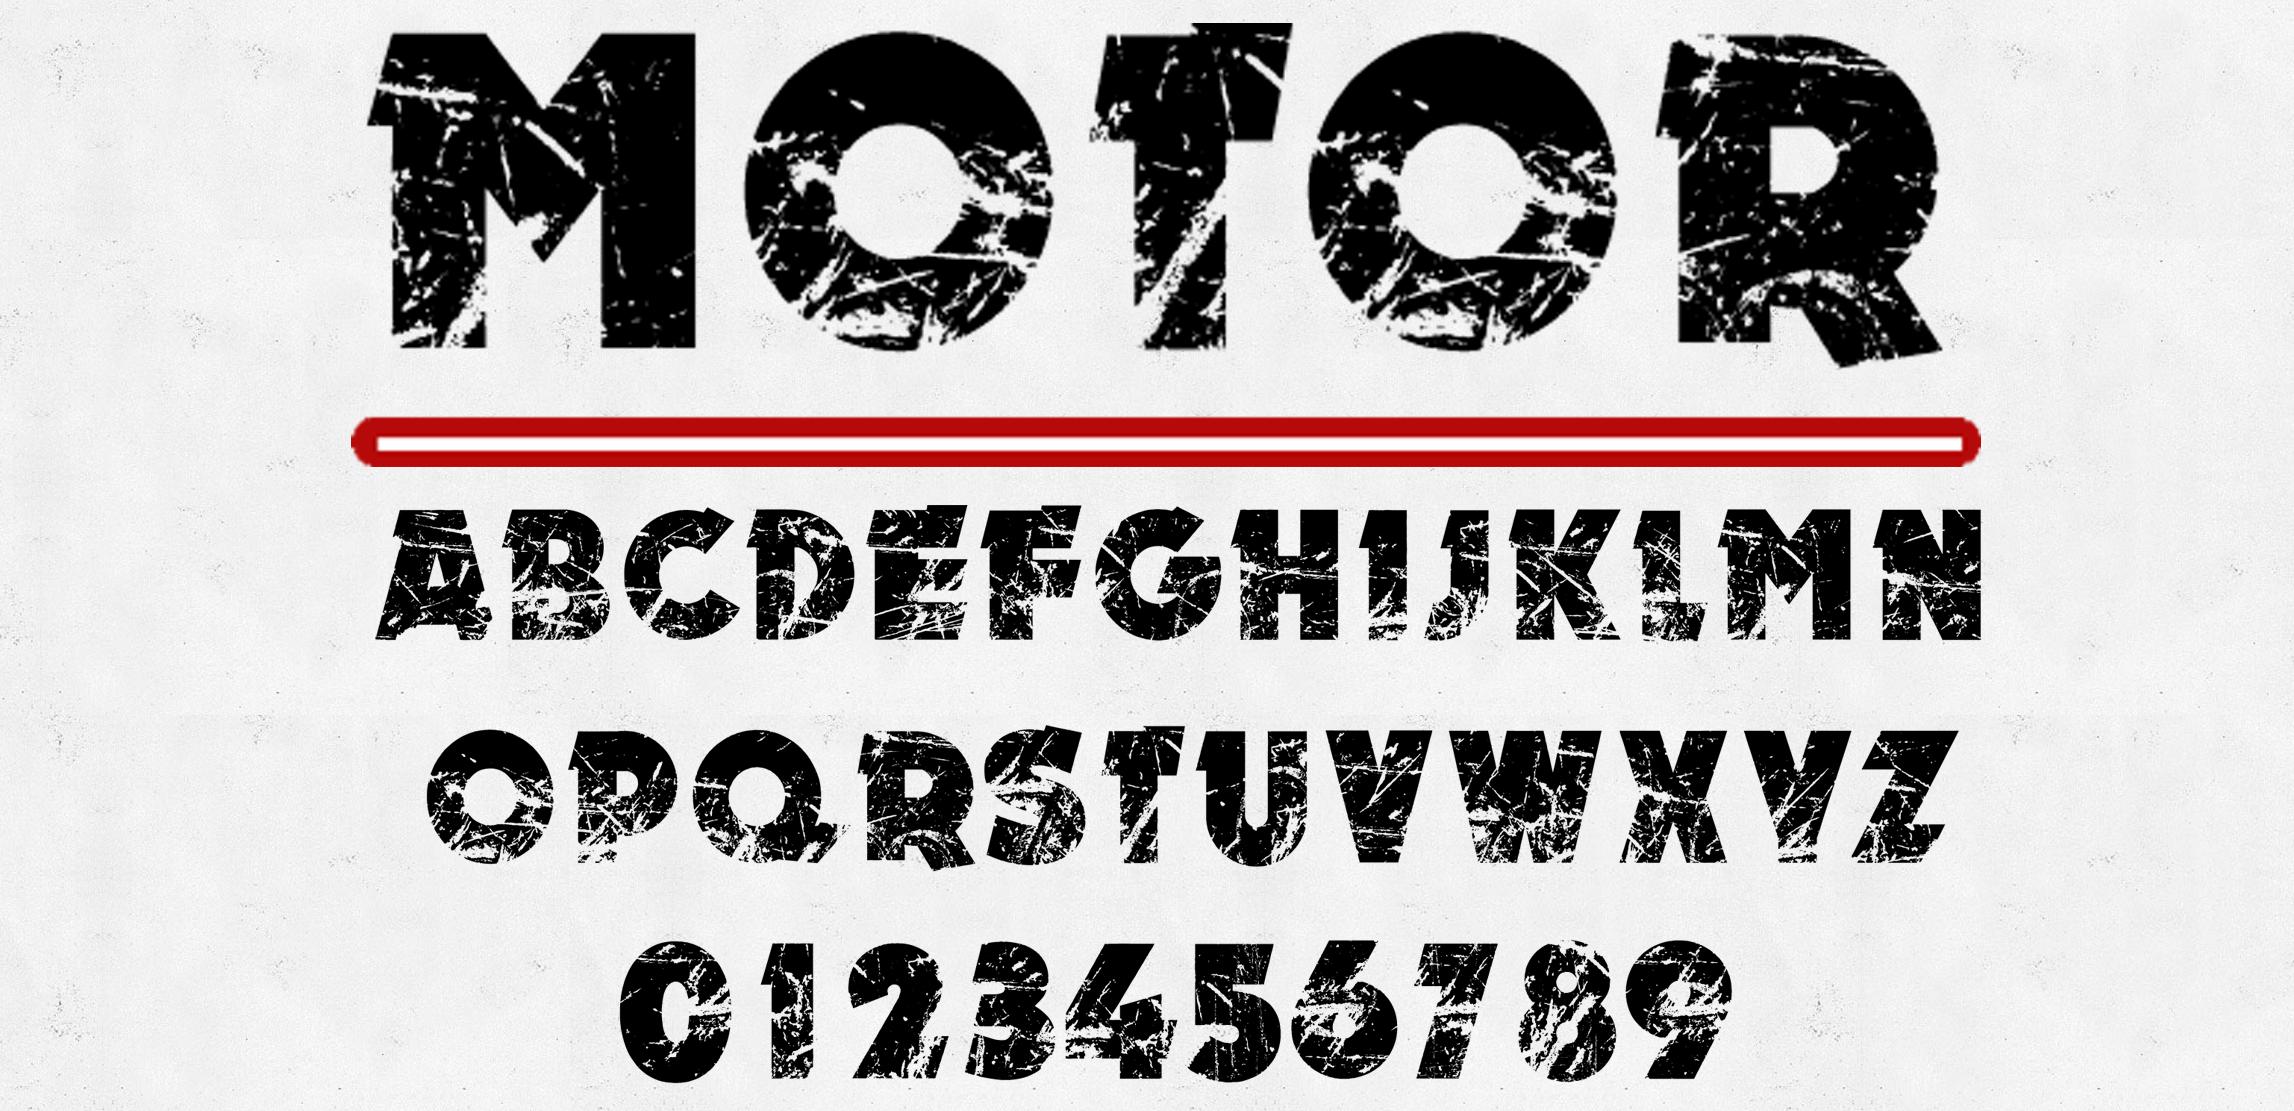 An original eroded font